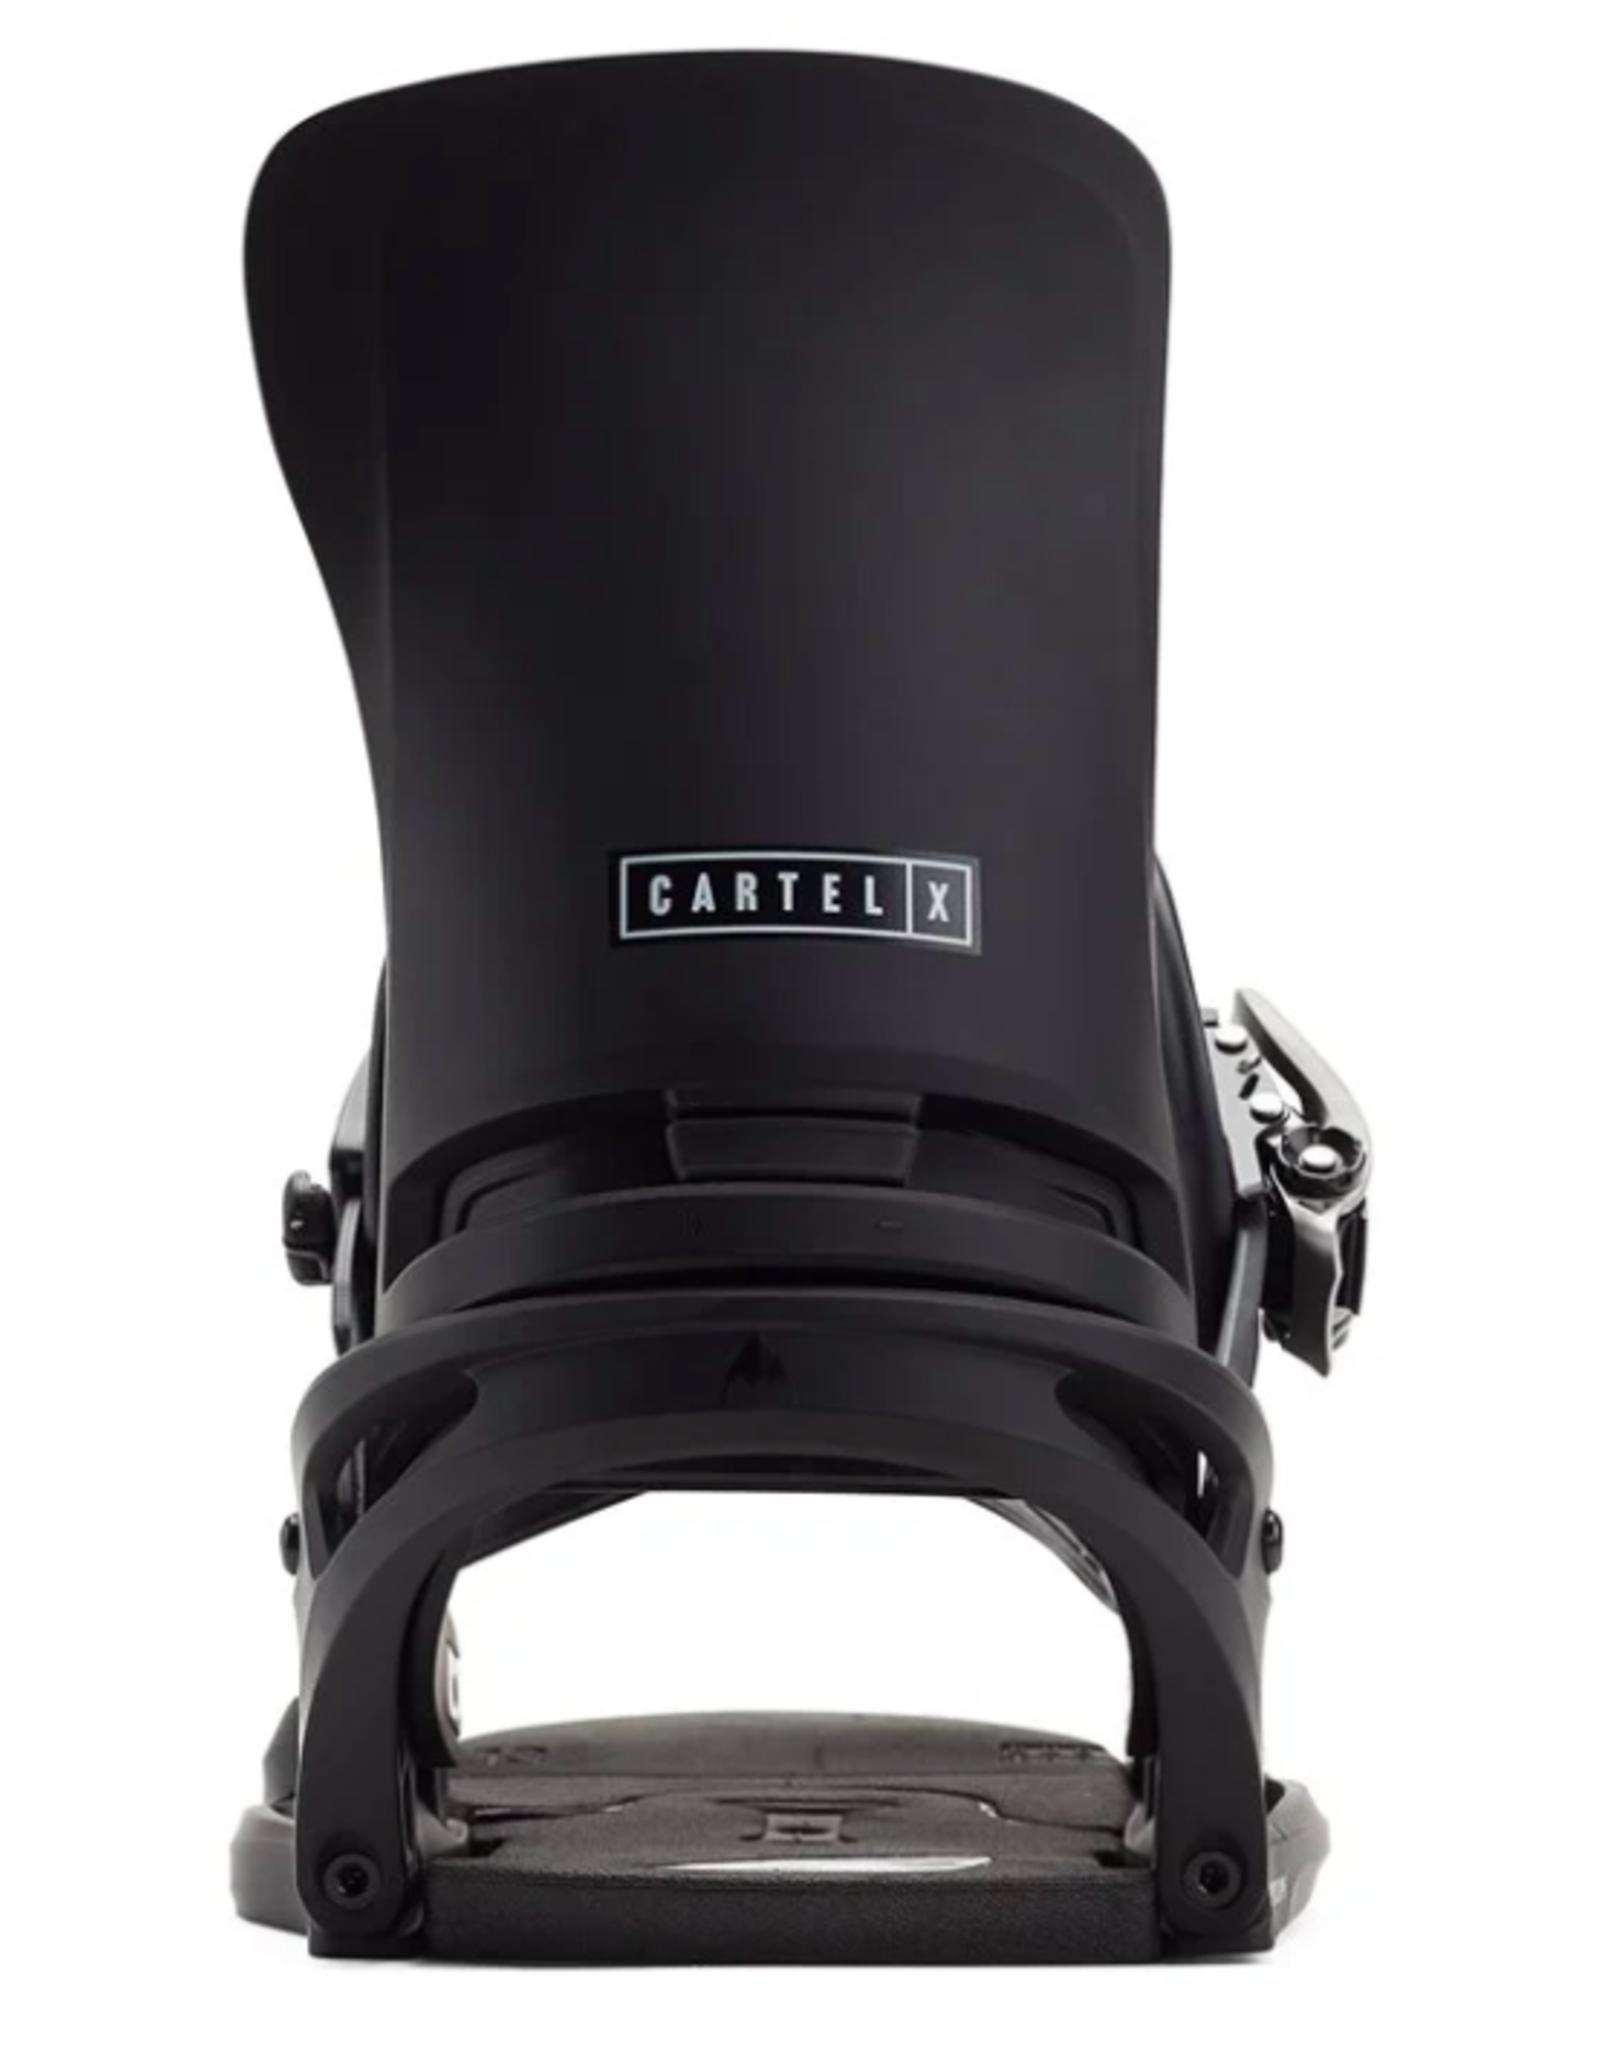 BURTON Burton Men's Cartel X EST Bindings Black 2022